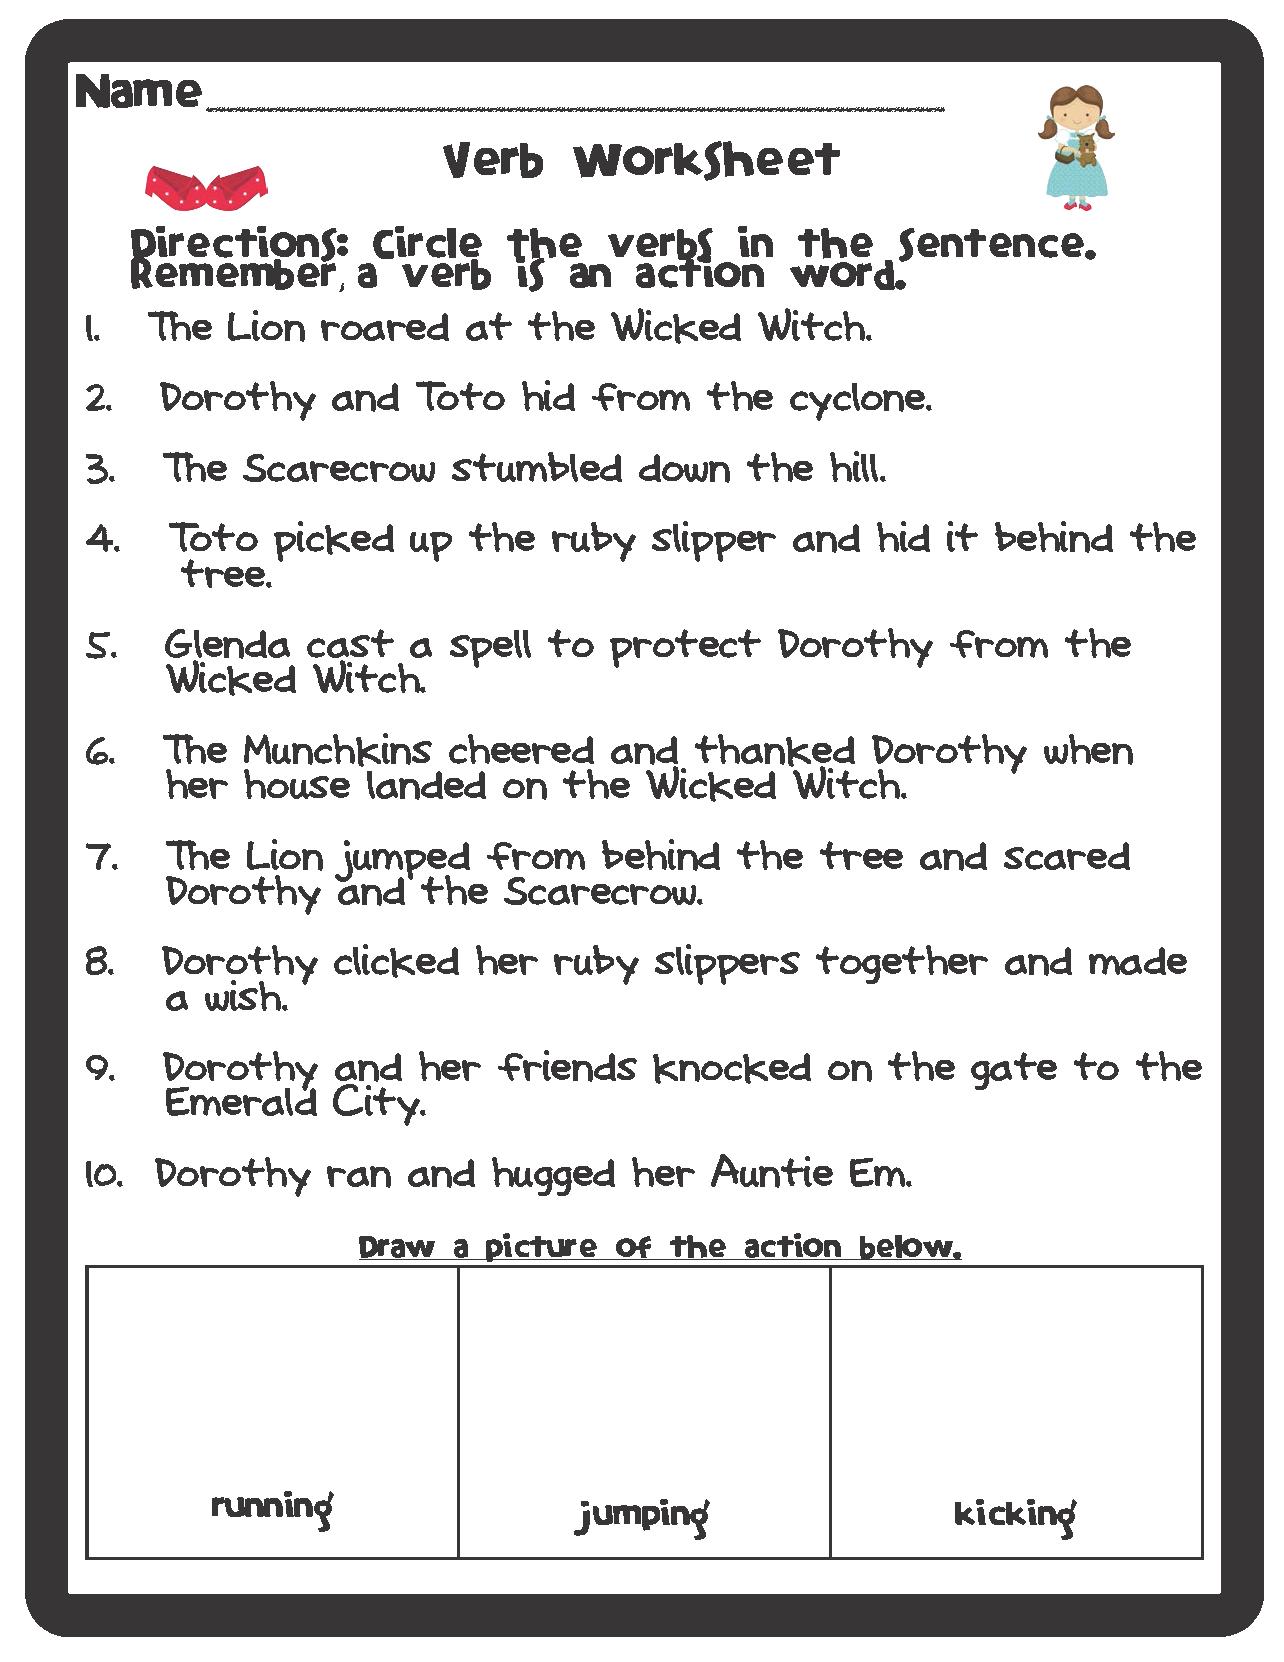 Parts Of Speech Wizard Of Oz Themed Worksheets Freebie Parts Of Speech Worksheets Parts Of Speech Parts Of Speech Activities [ 1662 x 1284 Pixel ]